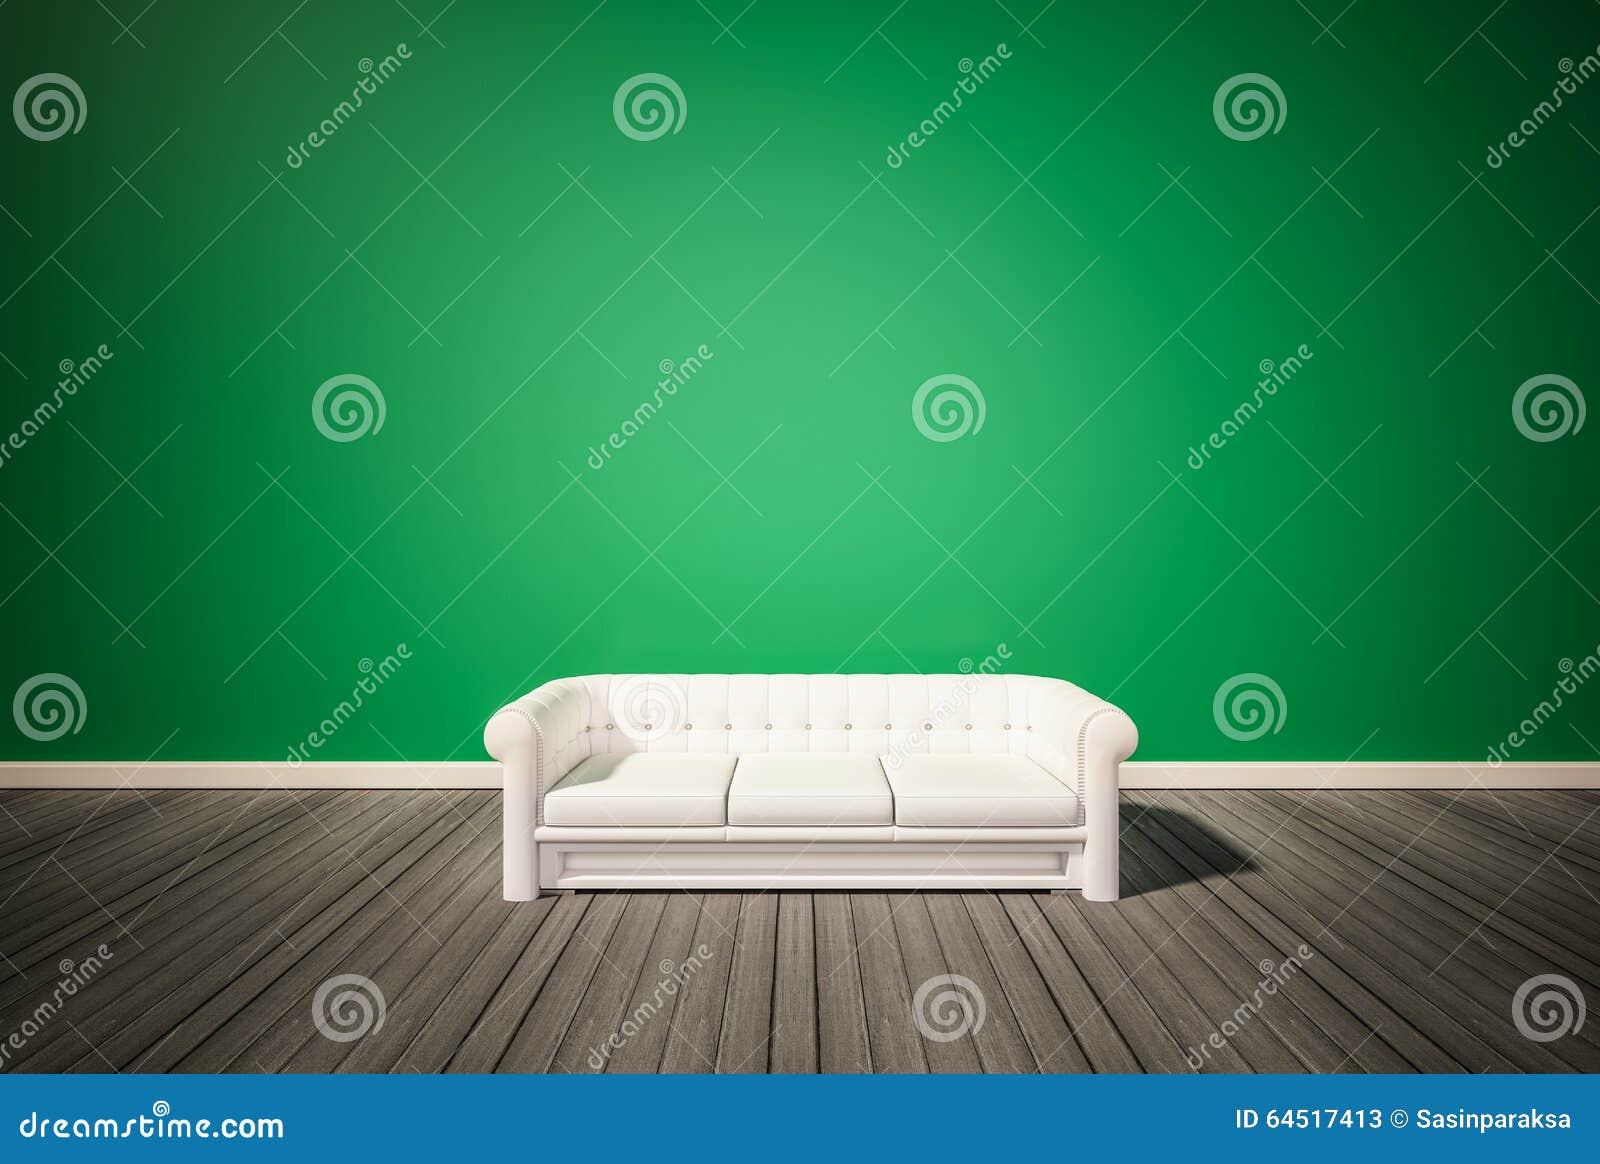 Dunkler Holzfußboden ~ Grüne wand und dunkler holzfußboden mit weißem sofa renderd d